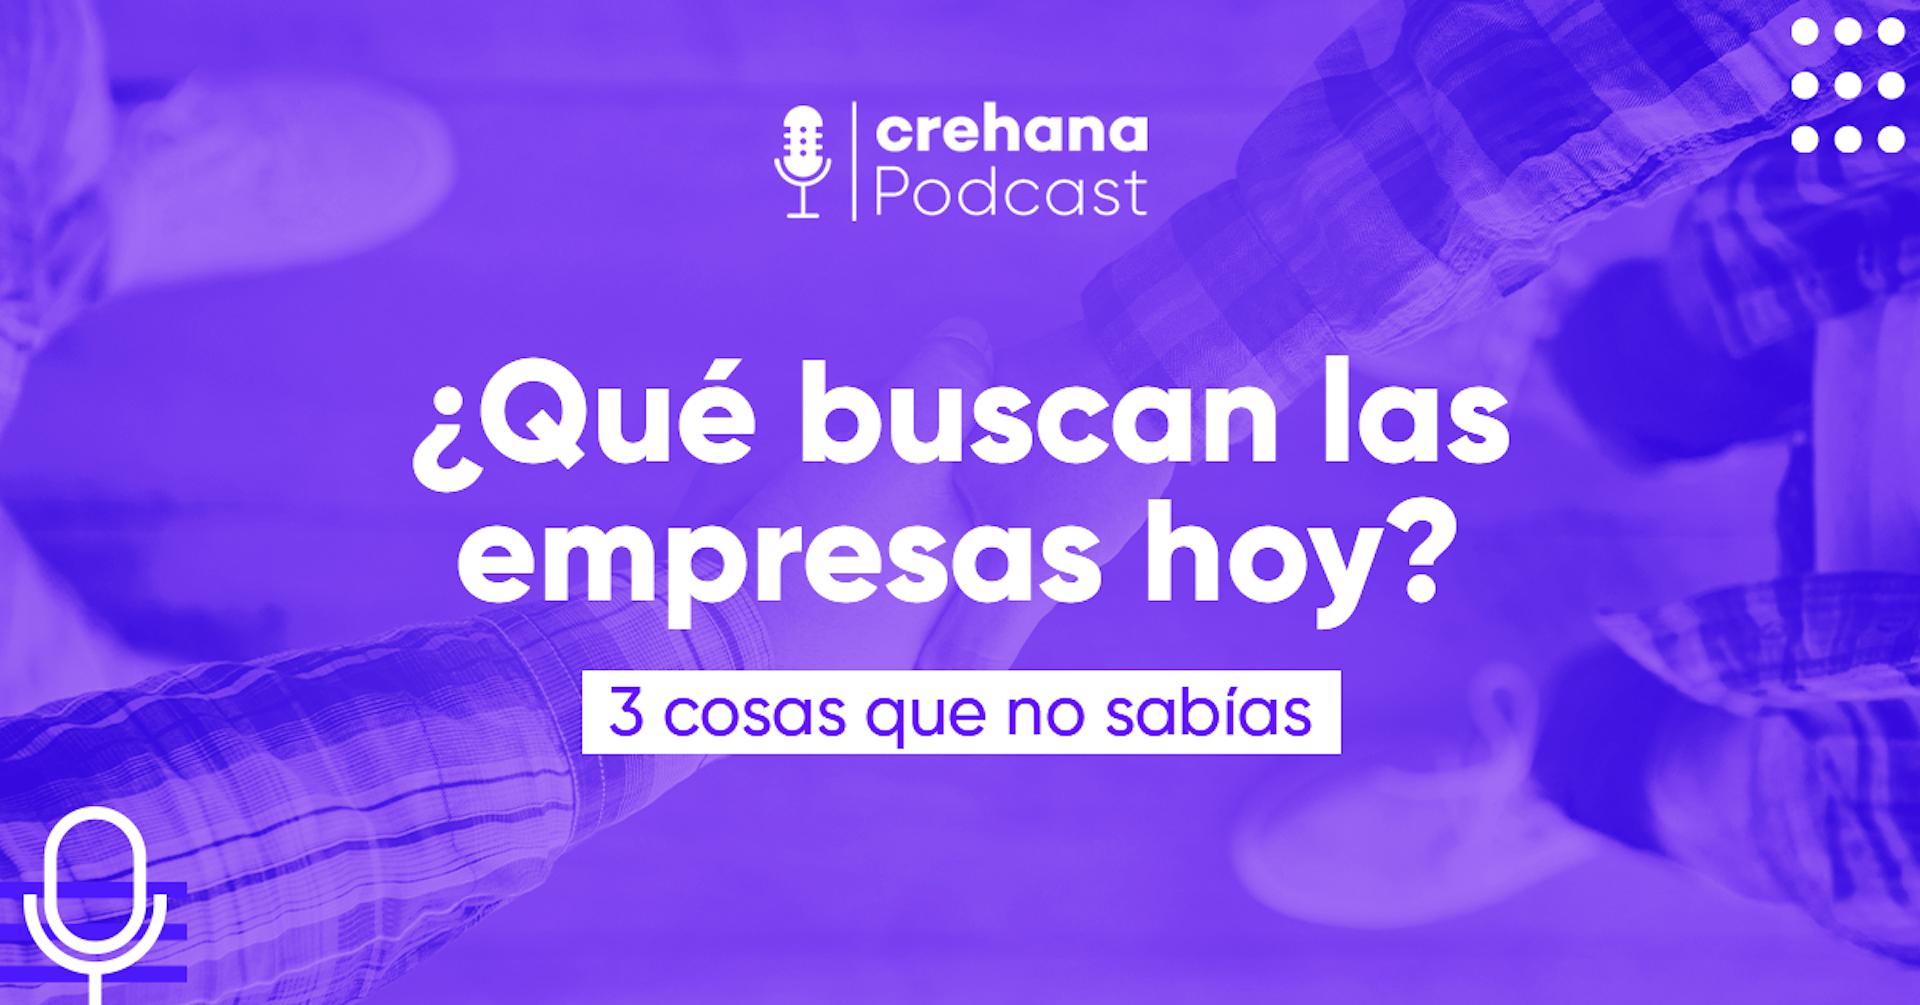 3 cosas que no te puedes perder de este podcast